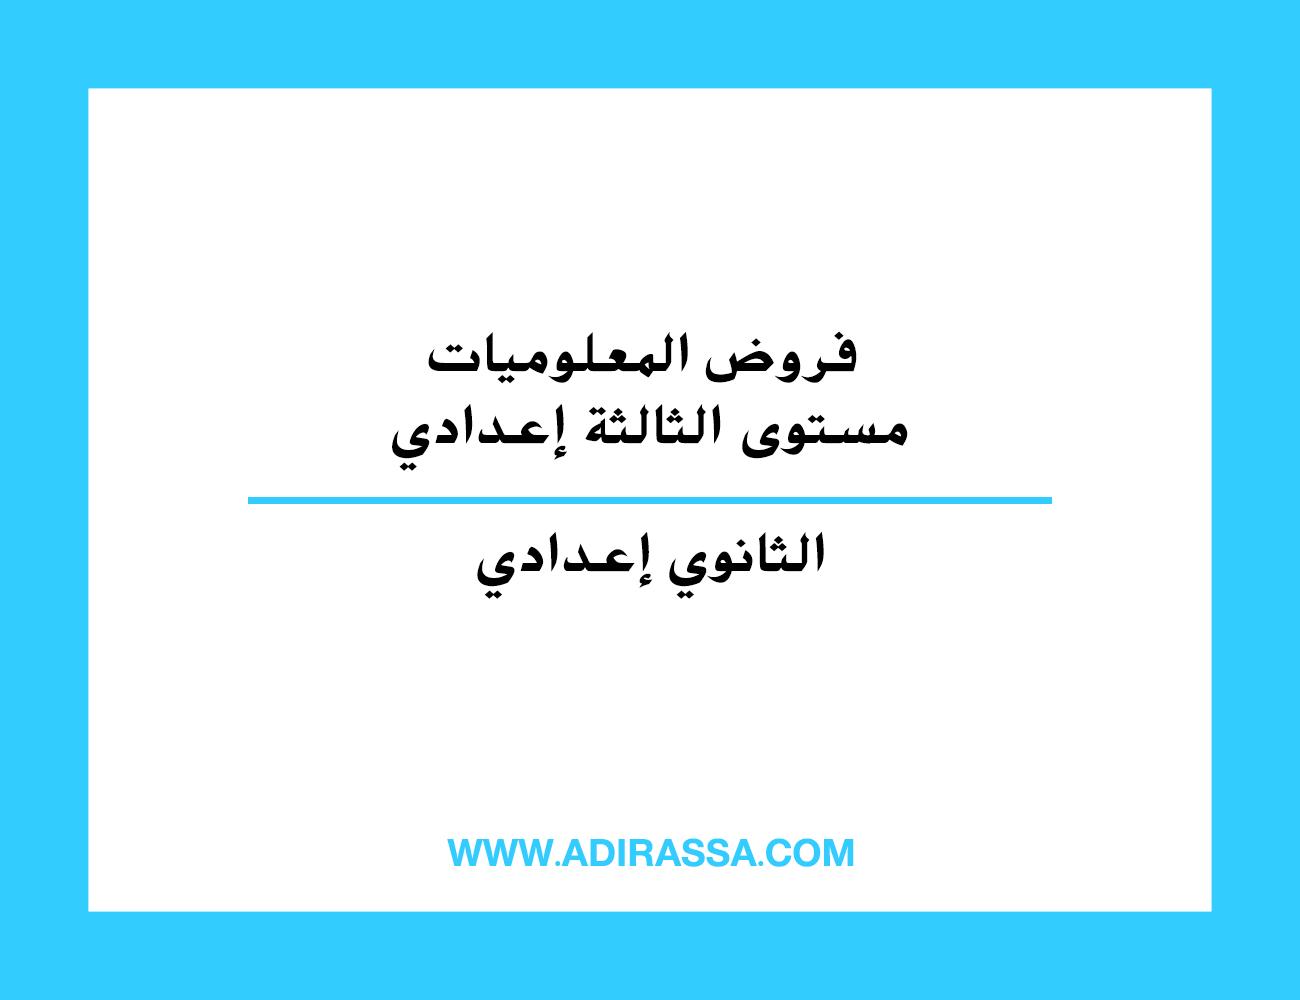 فروض المعلوميات مستوى الثالثة إعدادي المقررة في المدرسة المغربية